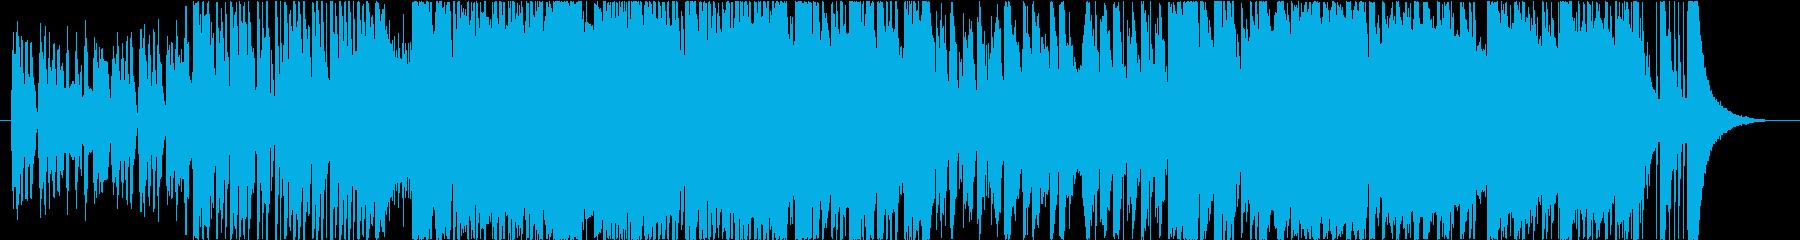 可愛くコミカル&勇壮なBGMの再生済みの波形